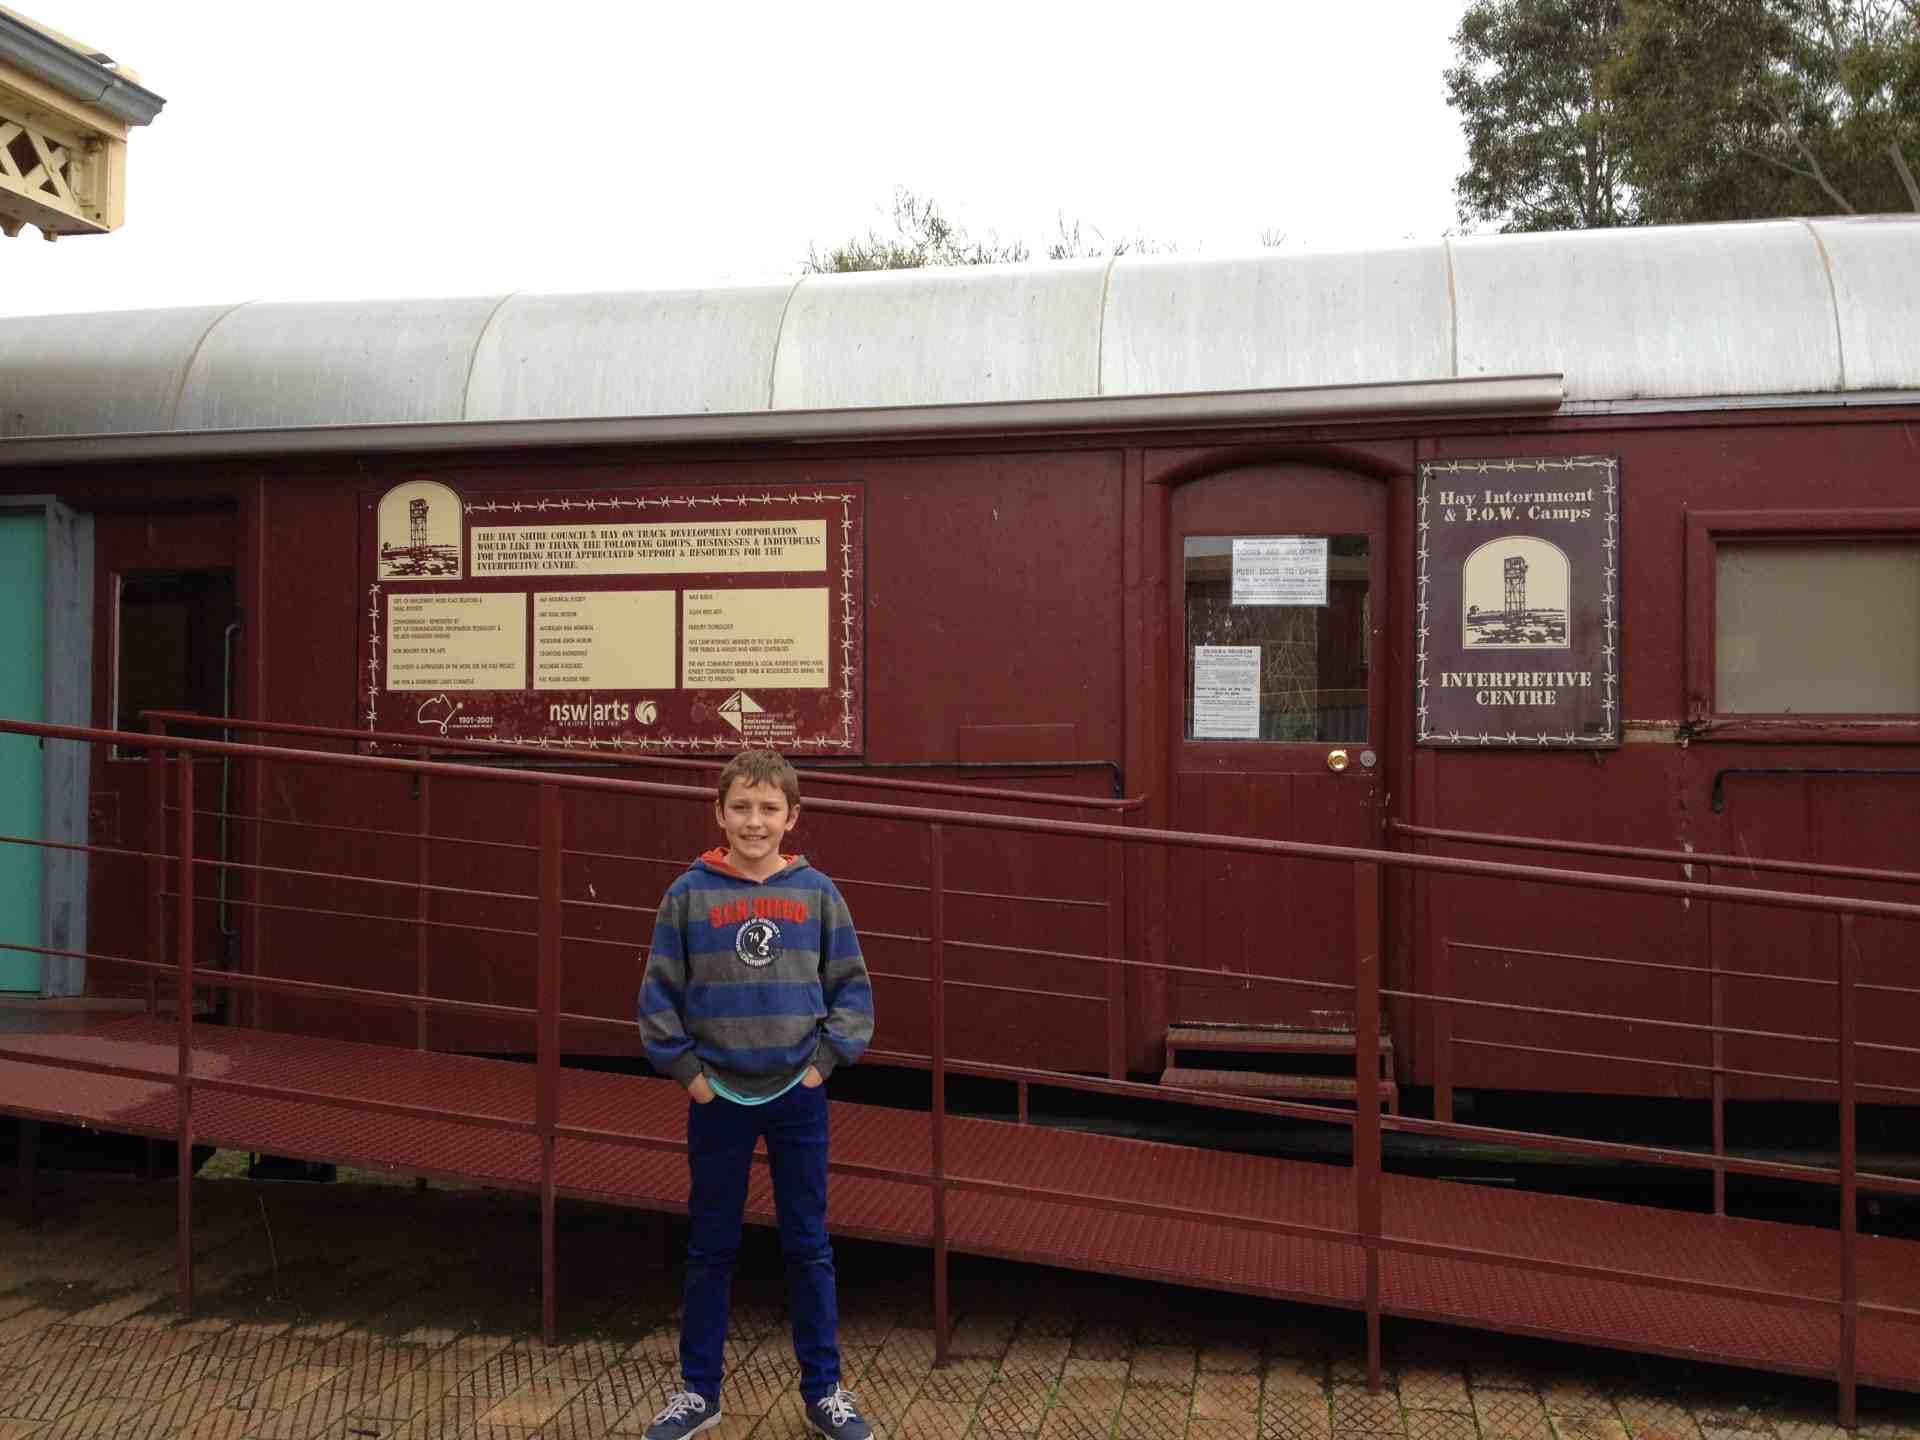 Hay Internment & POW Camps Interpretive Centre